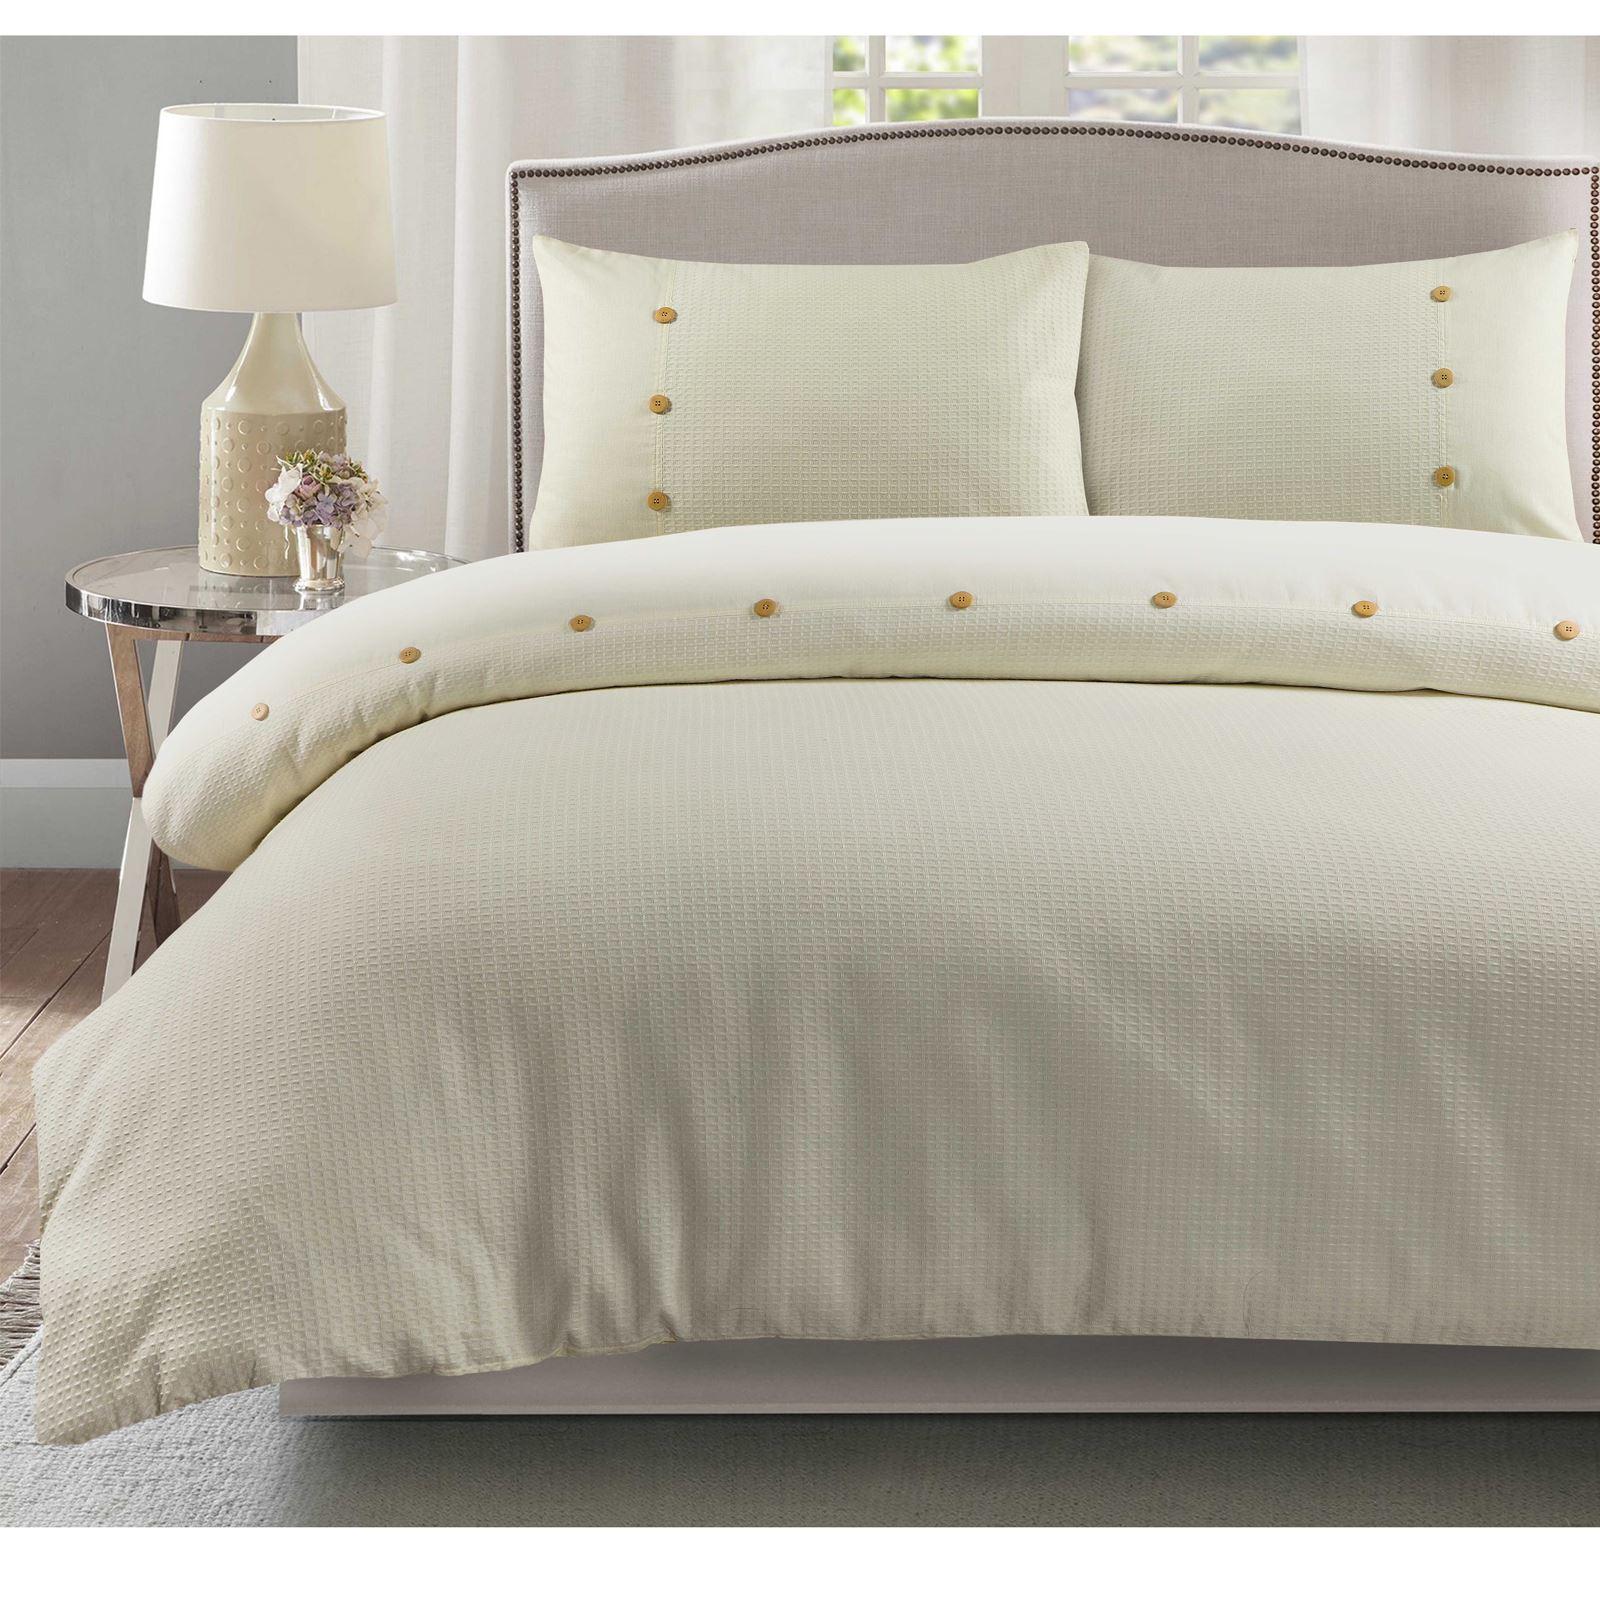 100-Algodon-Cuidado-facil-cubierta-del-edredon-edredon-multicolor-nuevo-conjunto-de-ropa-de-cama miniatura 18